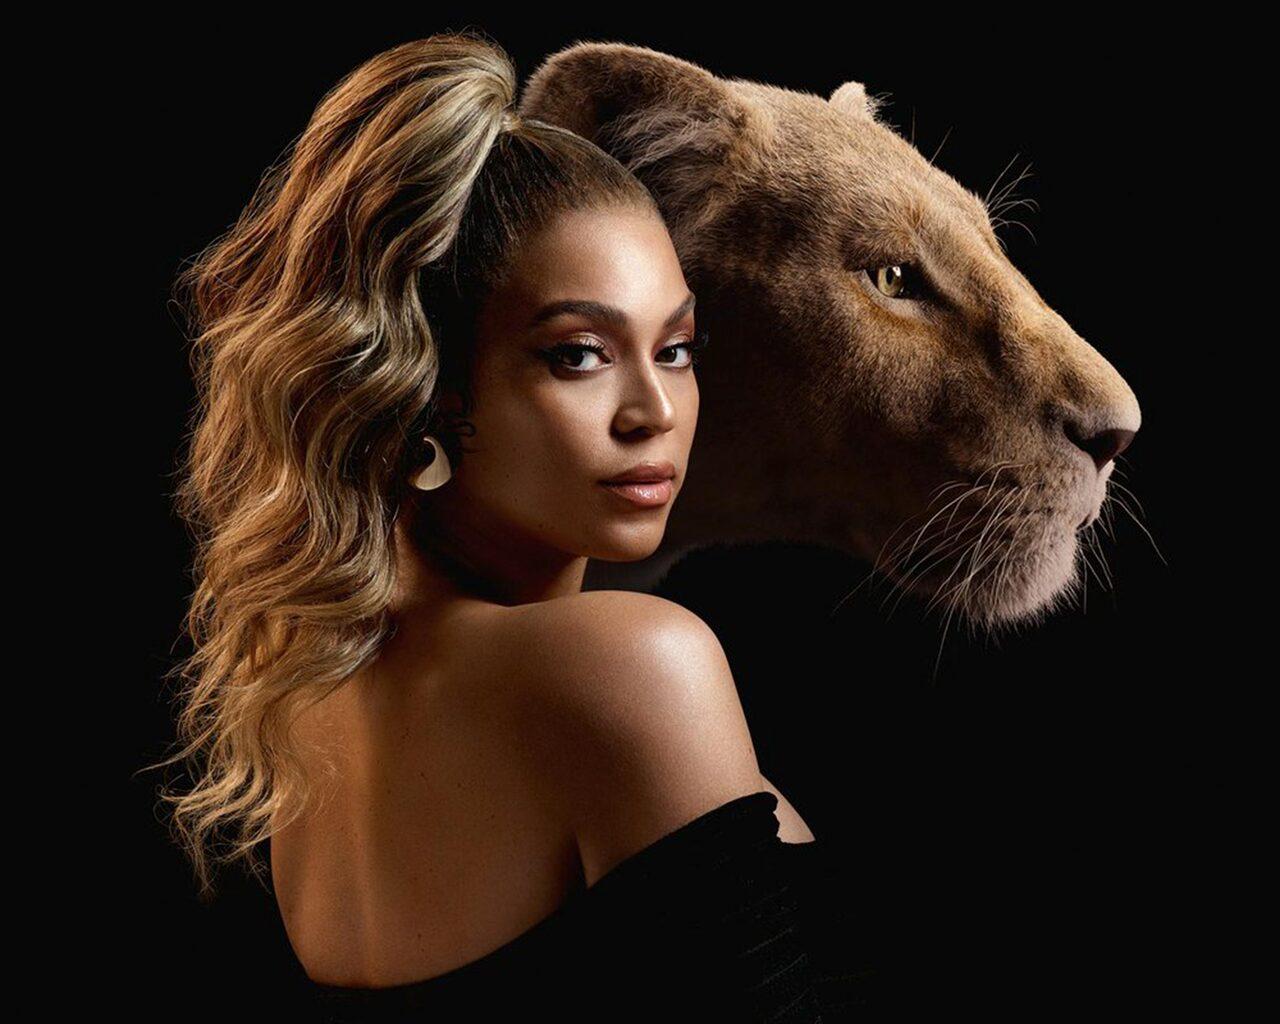 beyonce-as-nala-the-lion-king-2019-4i.jpg